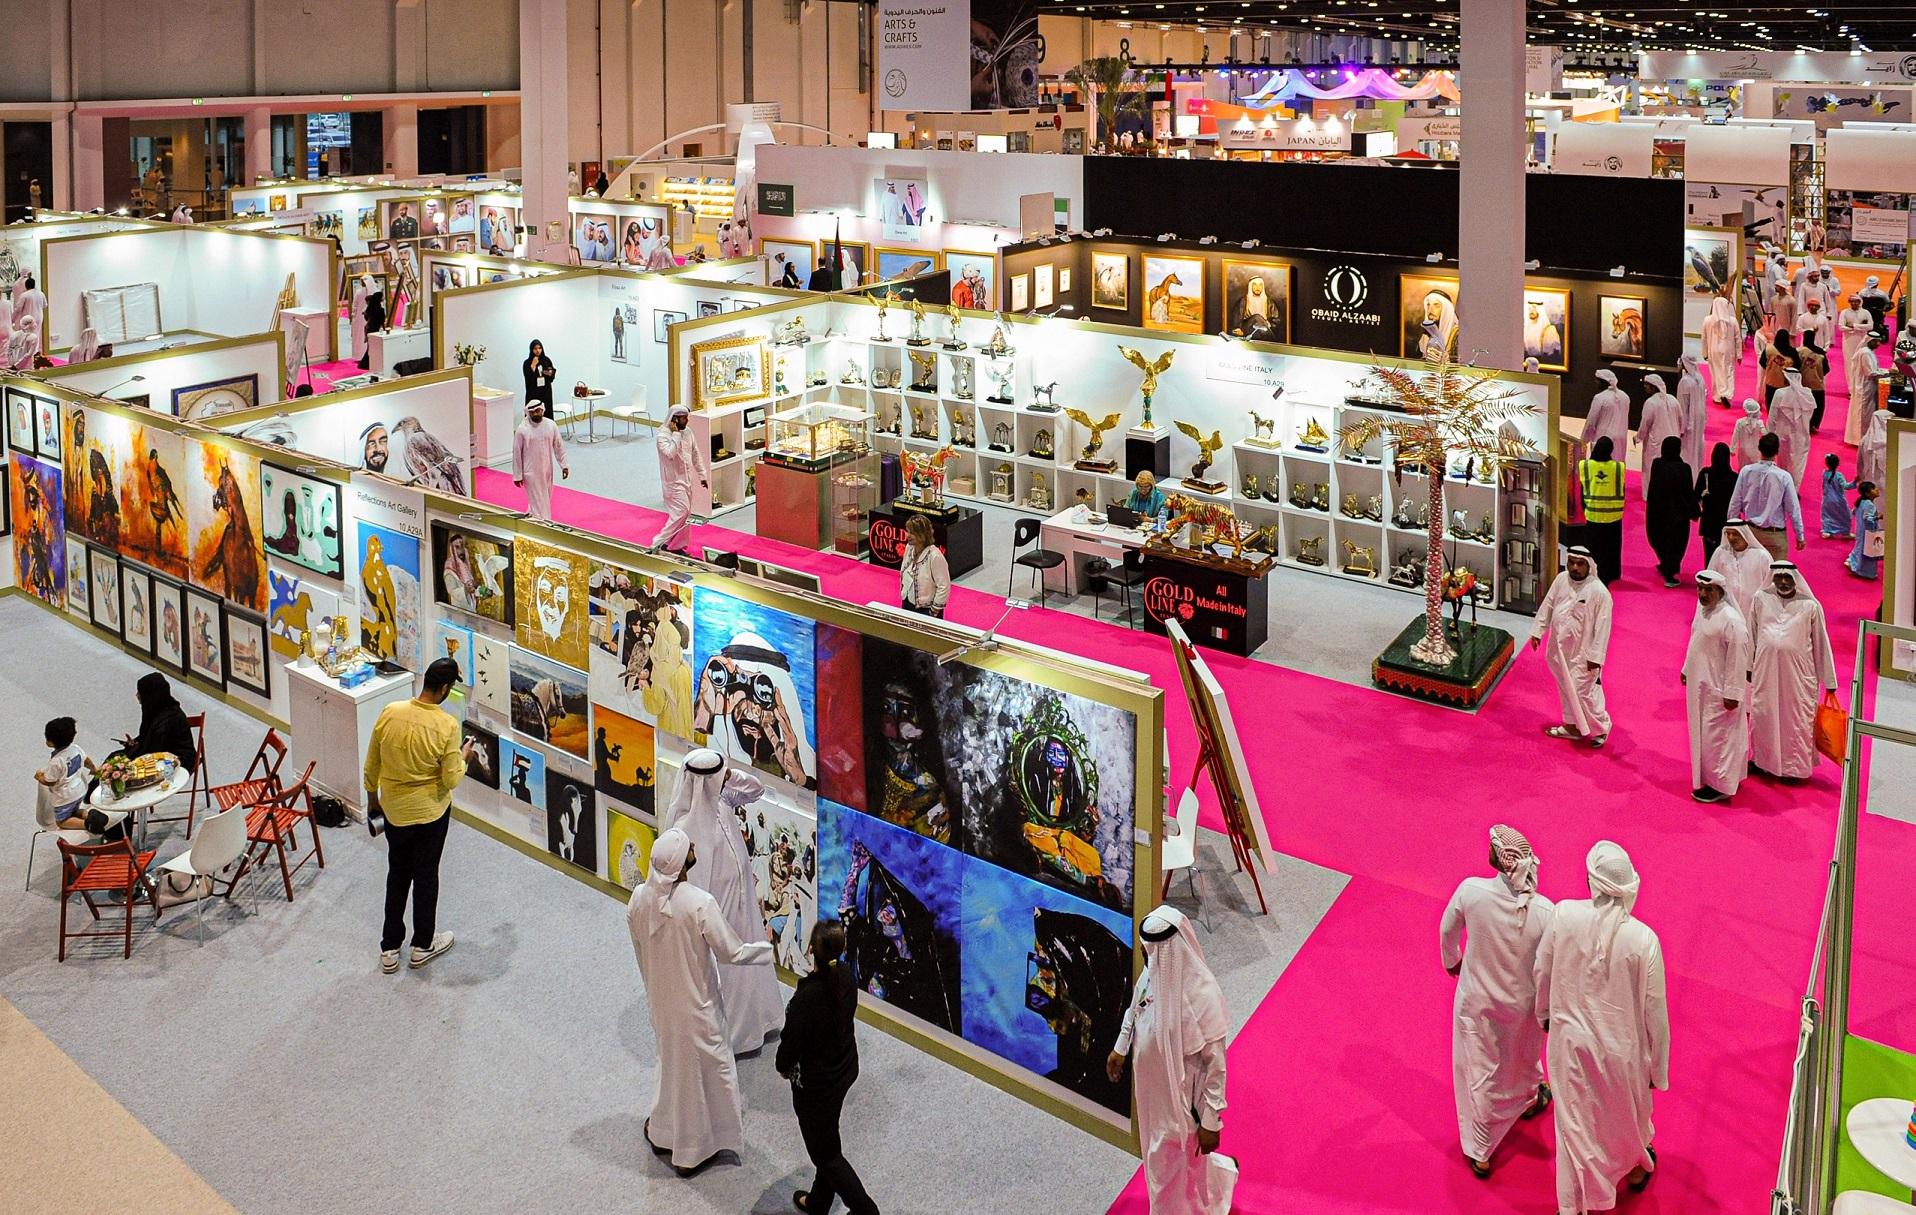 125 فنّاناً إماراتياً وعربياً وعالمياً يعرضون إبداعاتهم فيمعرض أبوظبي الدولي للصيد